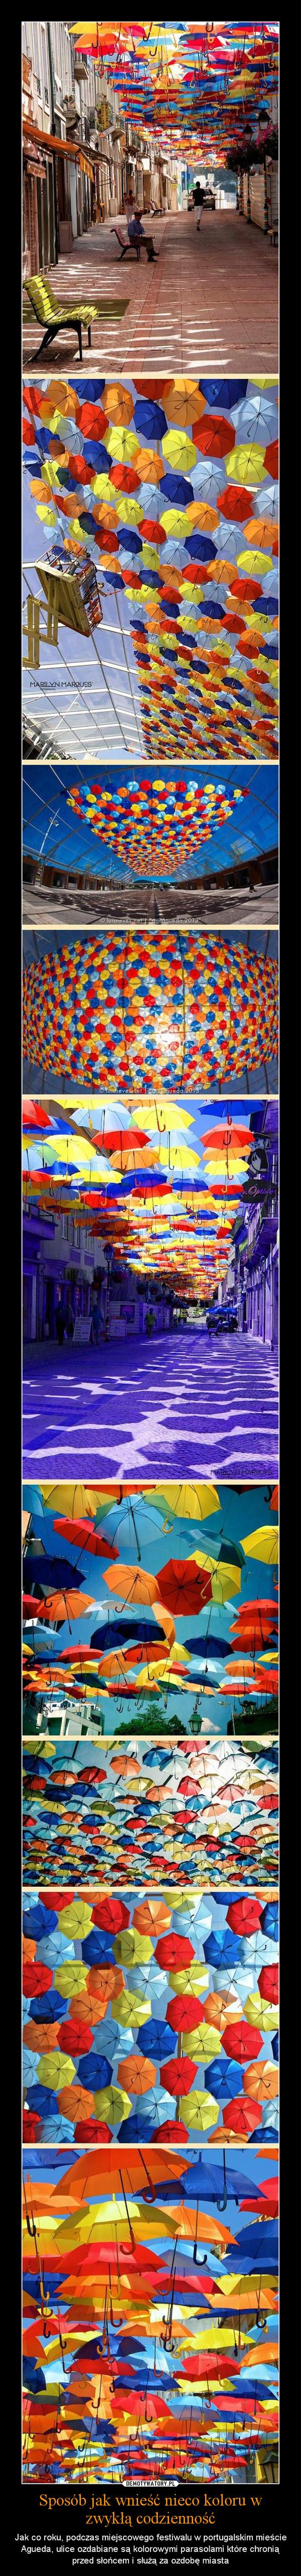 Sposób jak wnieść nieco koloru w zwykłą codzienność – Jak co roku, podczas miejscowego festiwalu w portugalskim mieście Agueda, ulice ozdabiane są kolorowymi parasolami które chronią przed słońcem i służą za ozdobę miasta